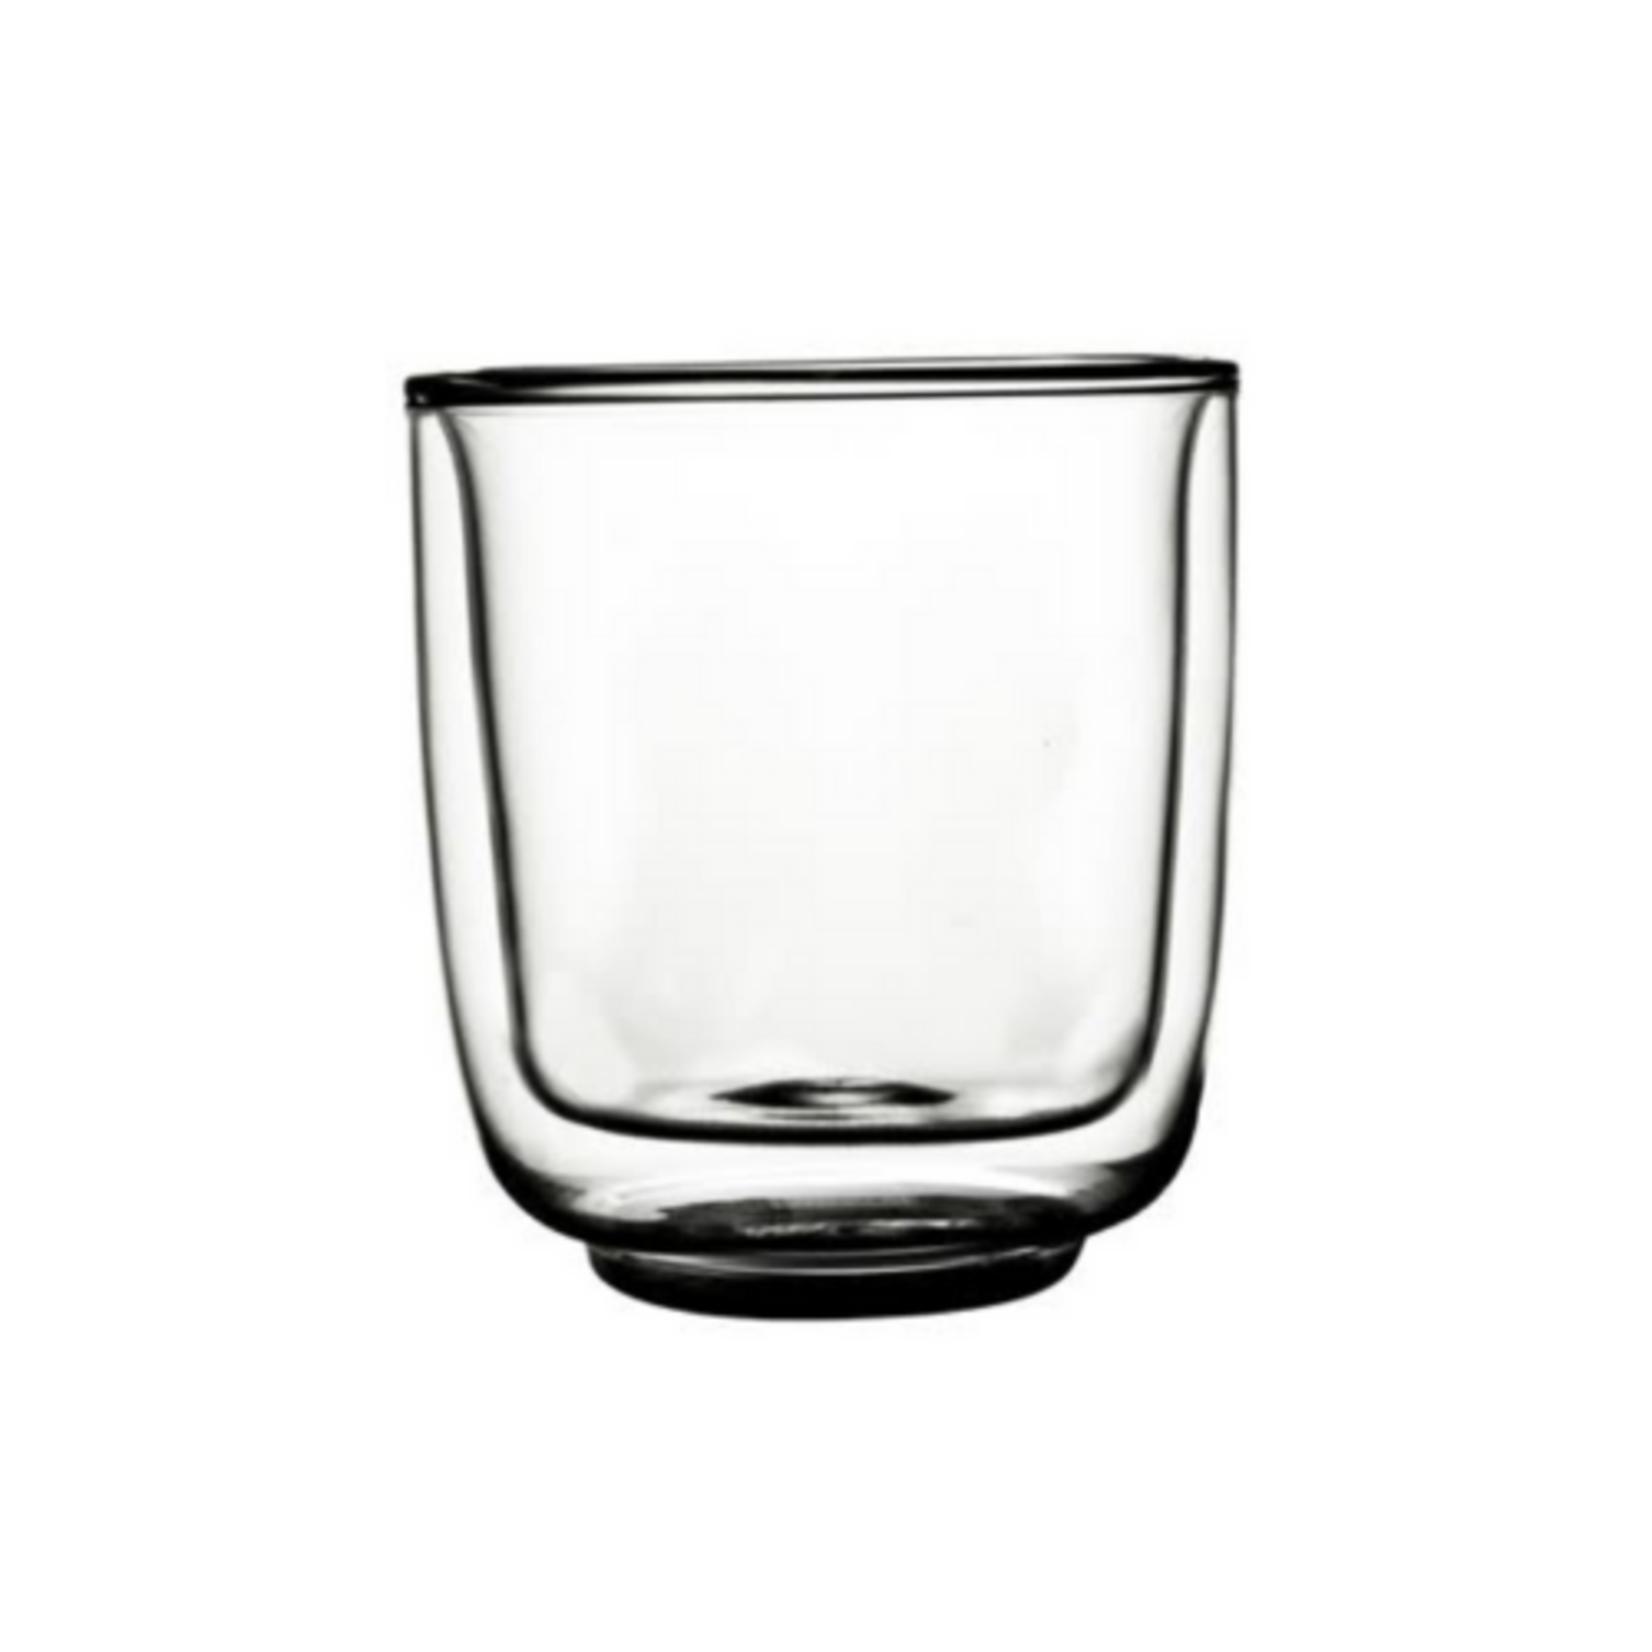 Gusta Dubbelwandig Glas FIKA 250ml